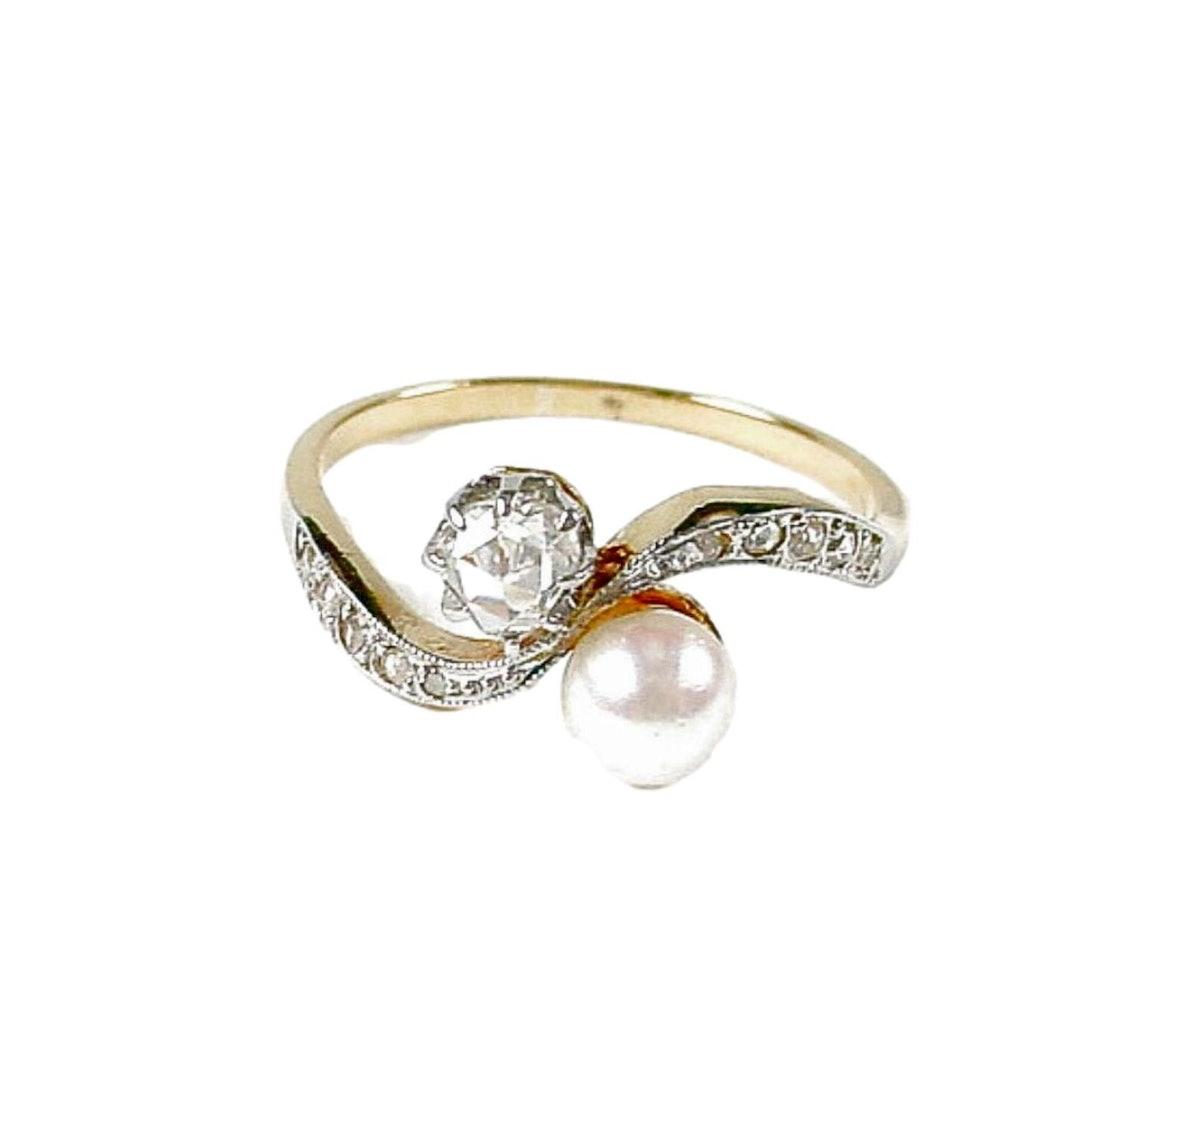 Lovely Antique Moi et Toi Diamond Pearl Hi-Karat Gold Ring